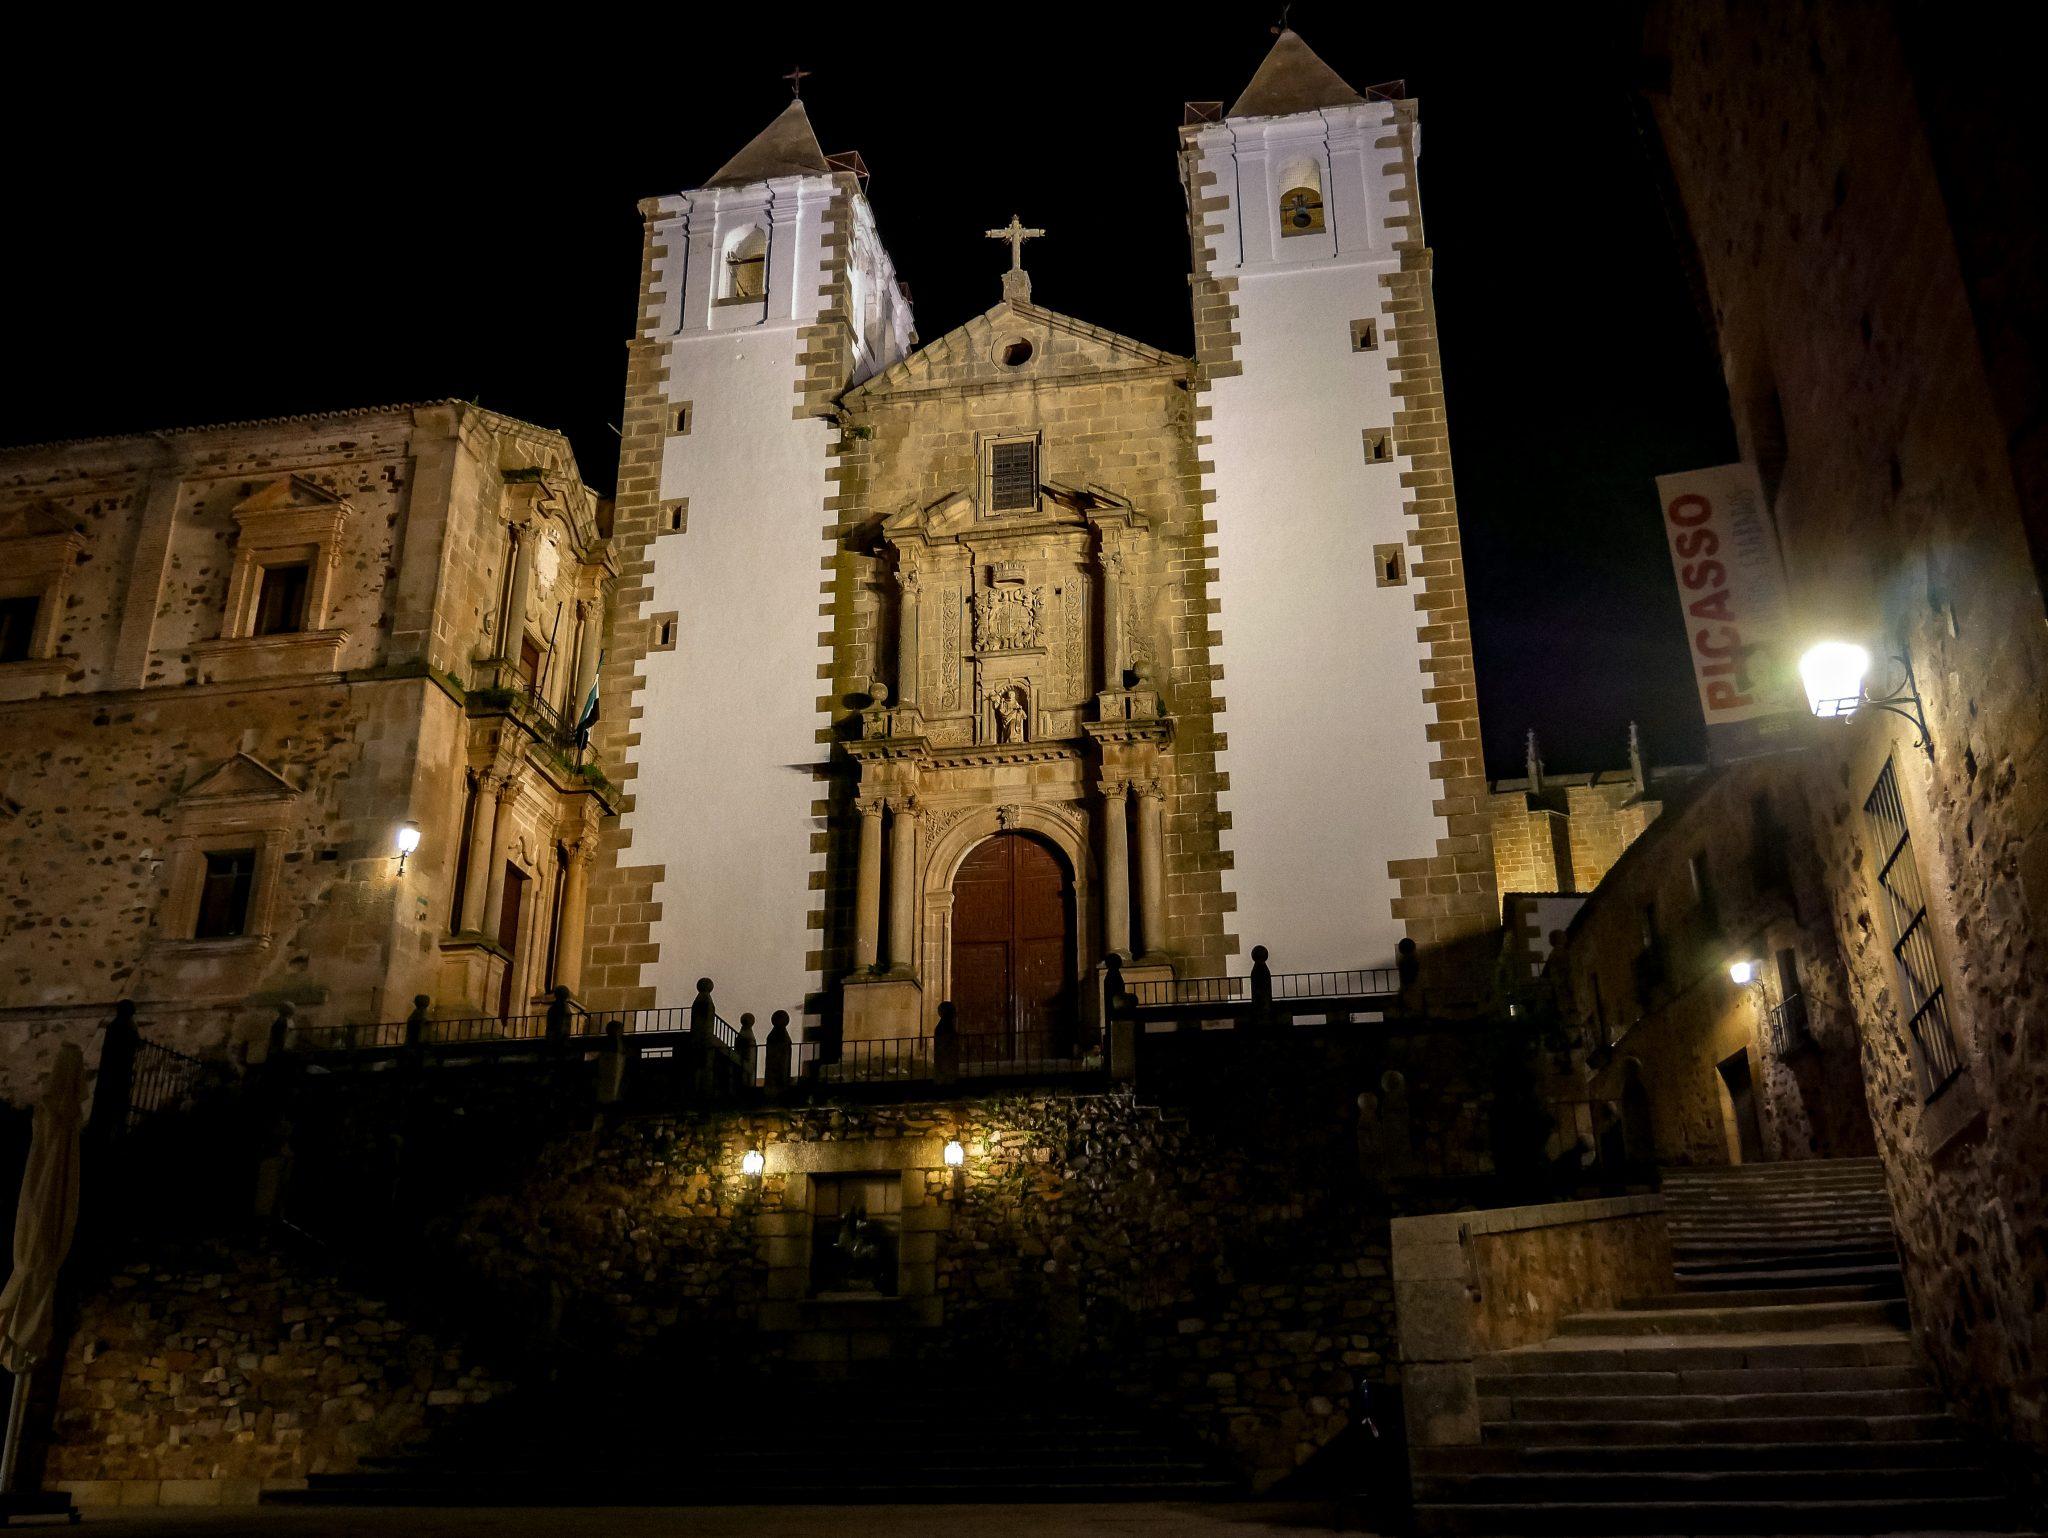 Mein ganz persönliches Highlight! Die historische Altstadt von Cáceres bei Nacht!